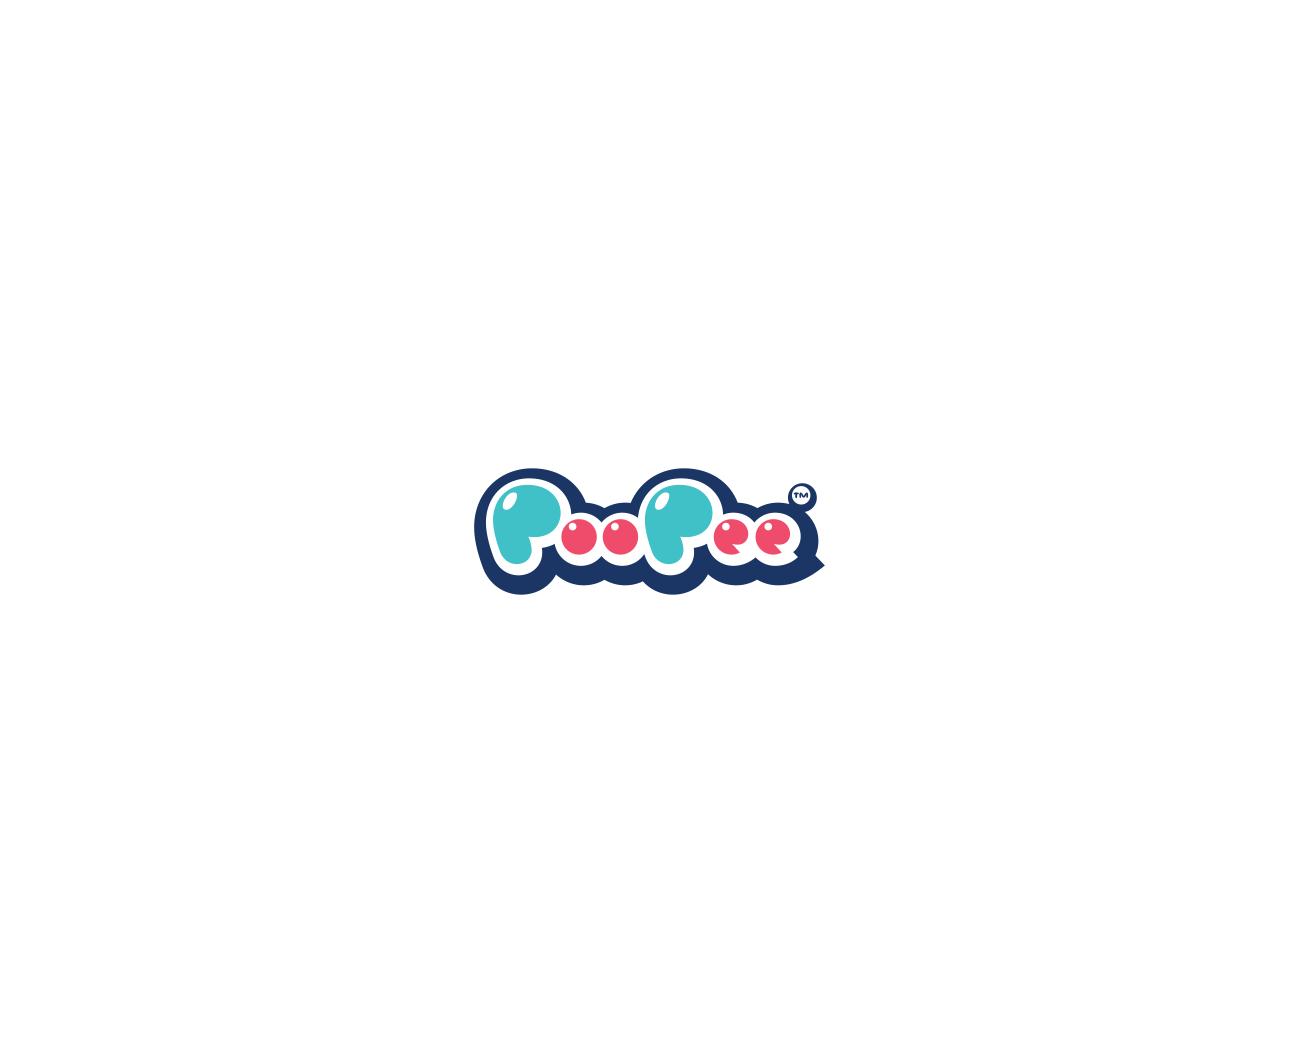 Разработка элементов фирменного стиля, логотипа и гайдлайна  фото f_9425ad487fe0c36e.png